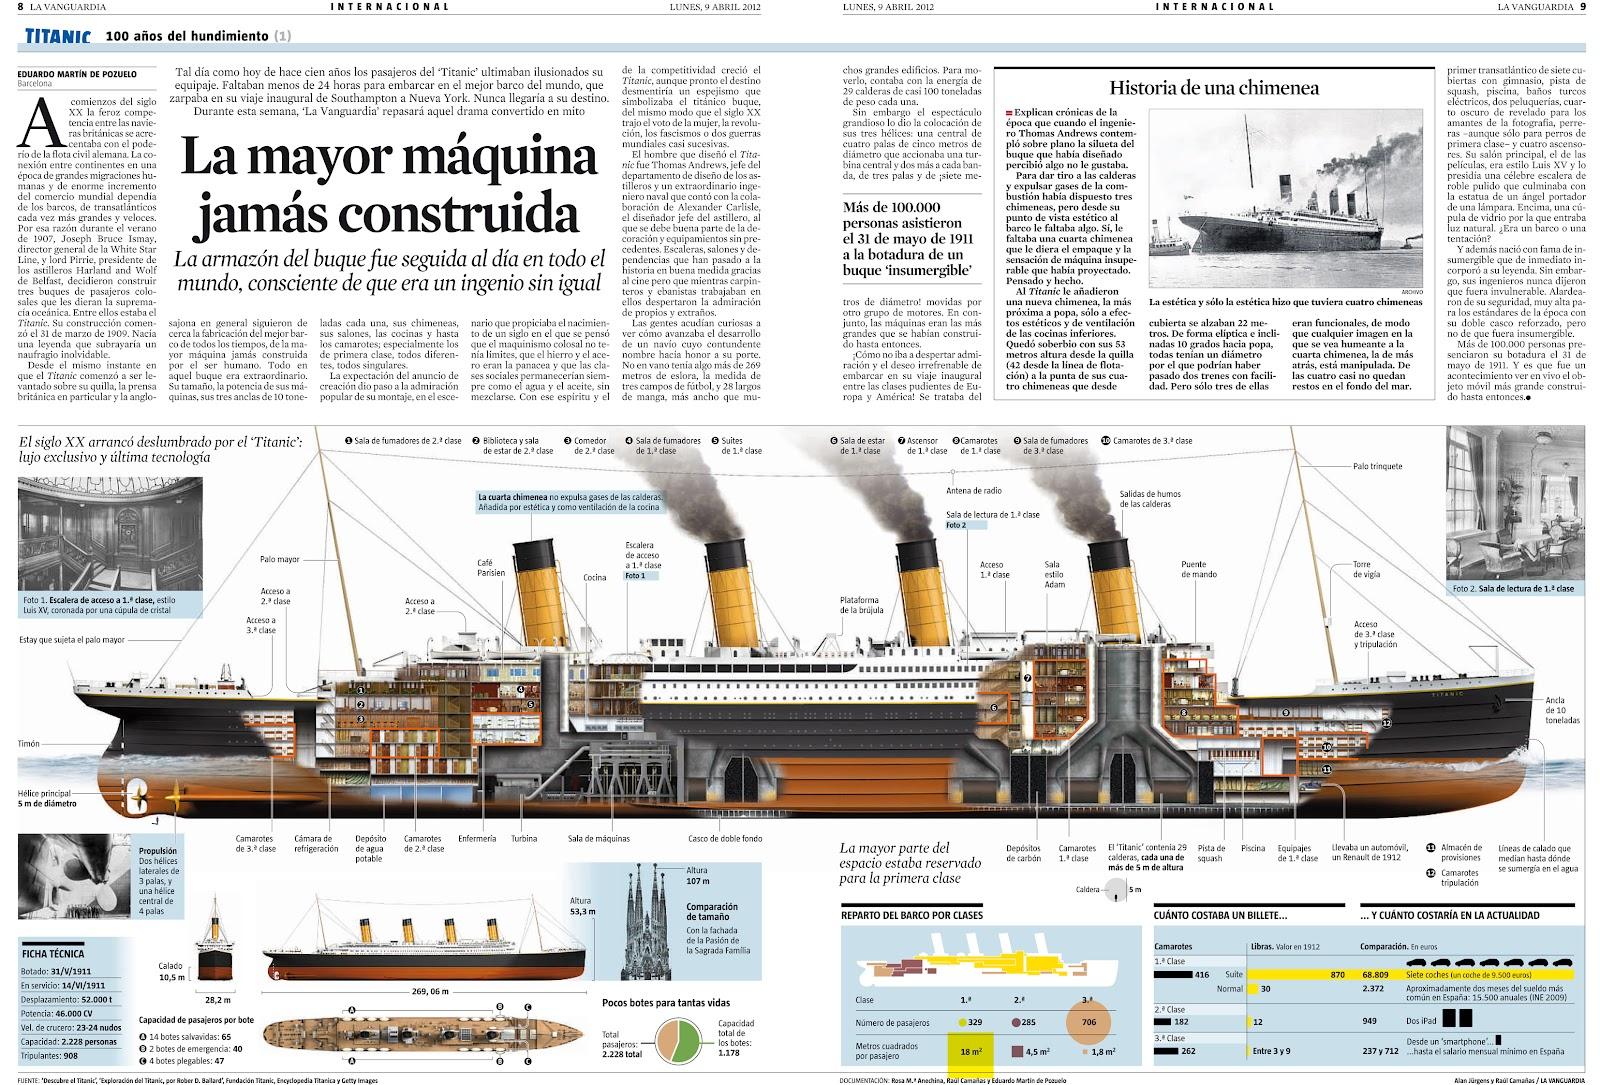 Hermosa Diagrama De La Anatomía Barco Regalo - Imágenes de Anatomía ...